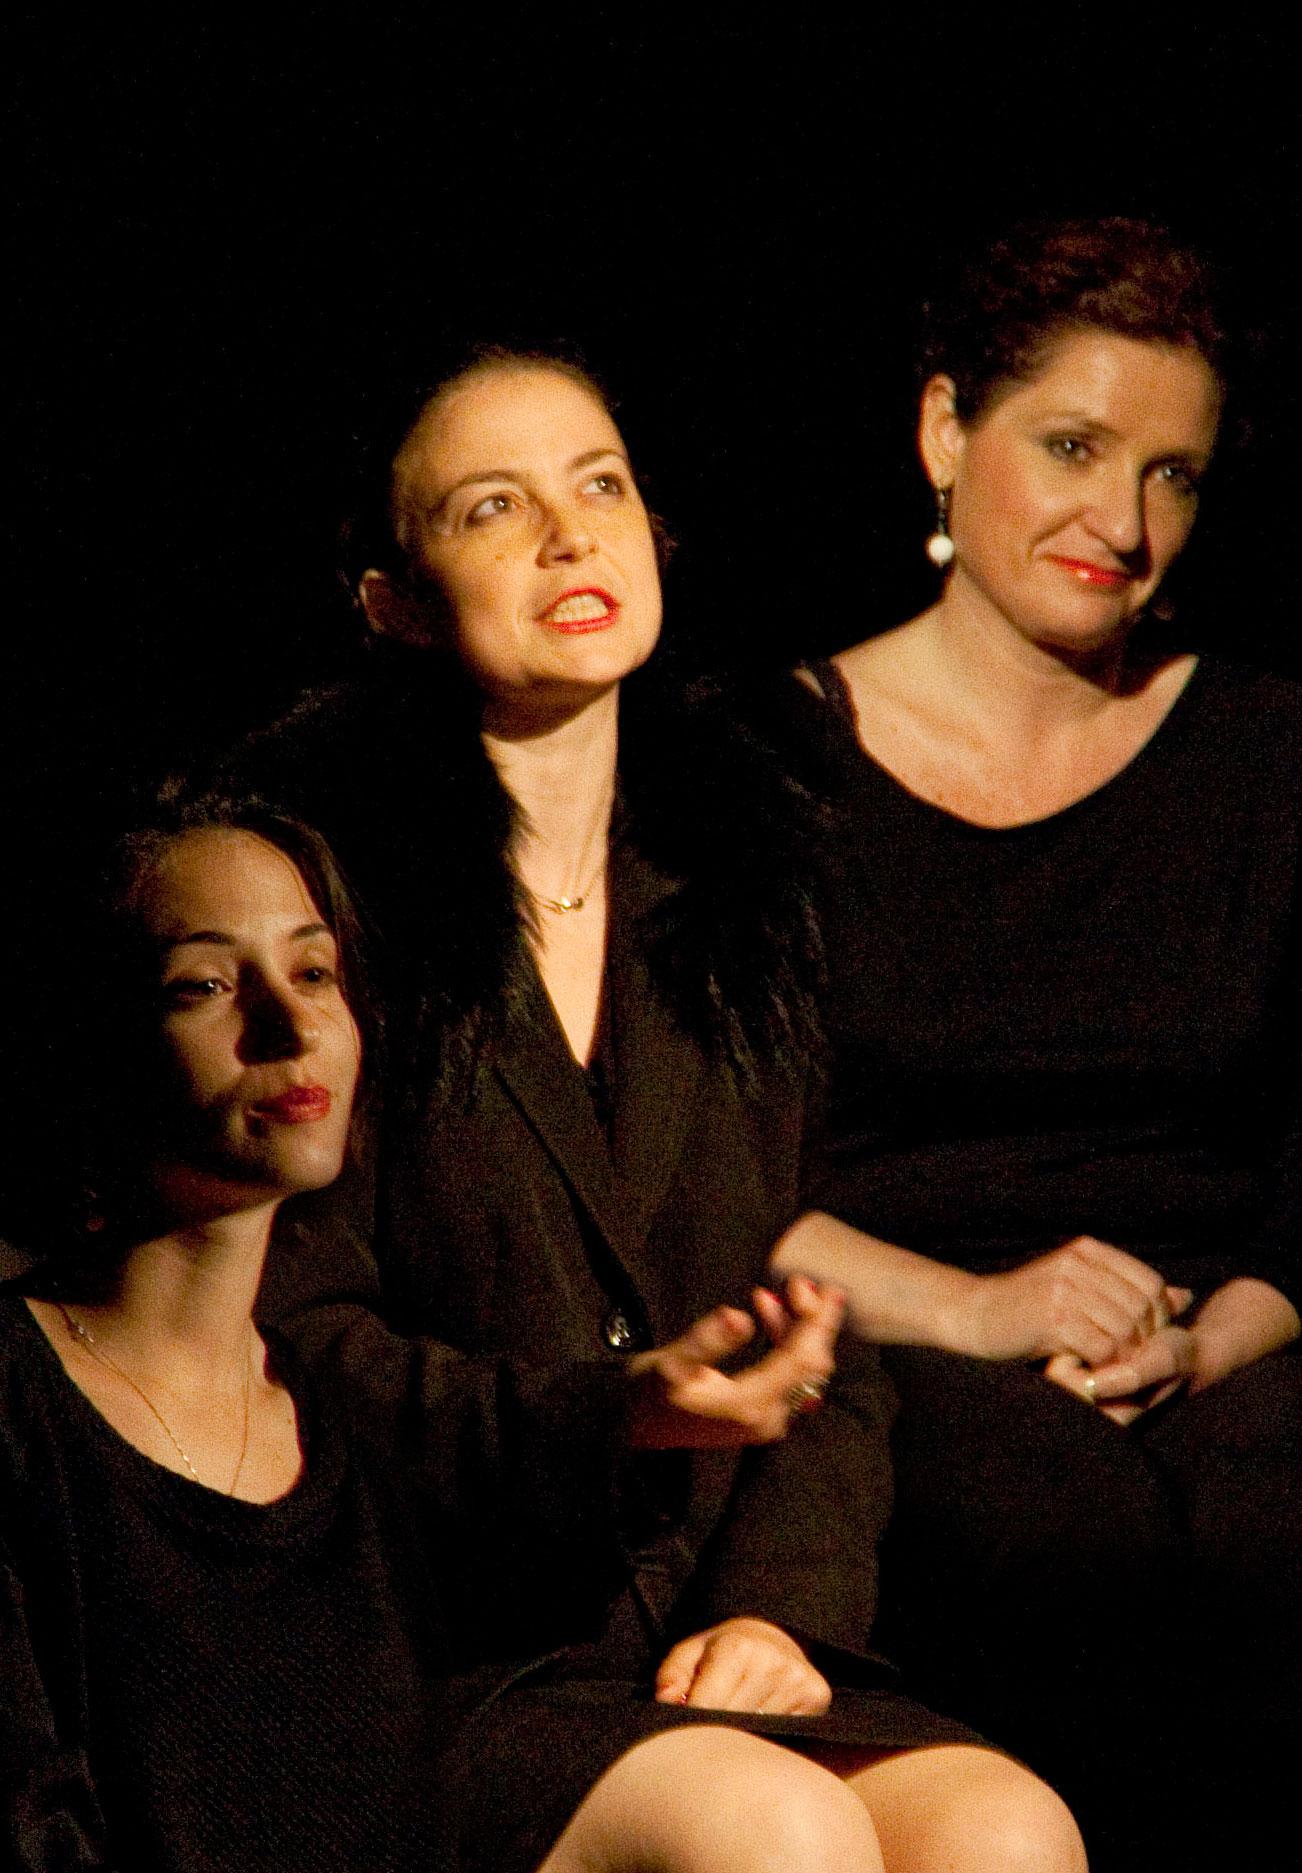 Taddrarite_Teatro-due-roma-ph-guglielmo-pinsone3